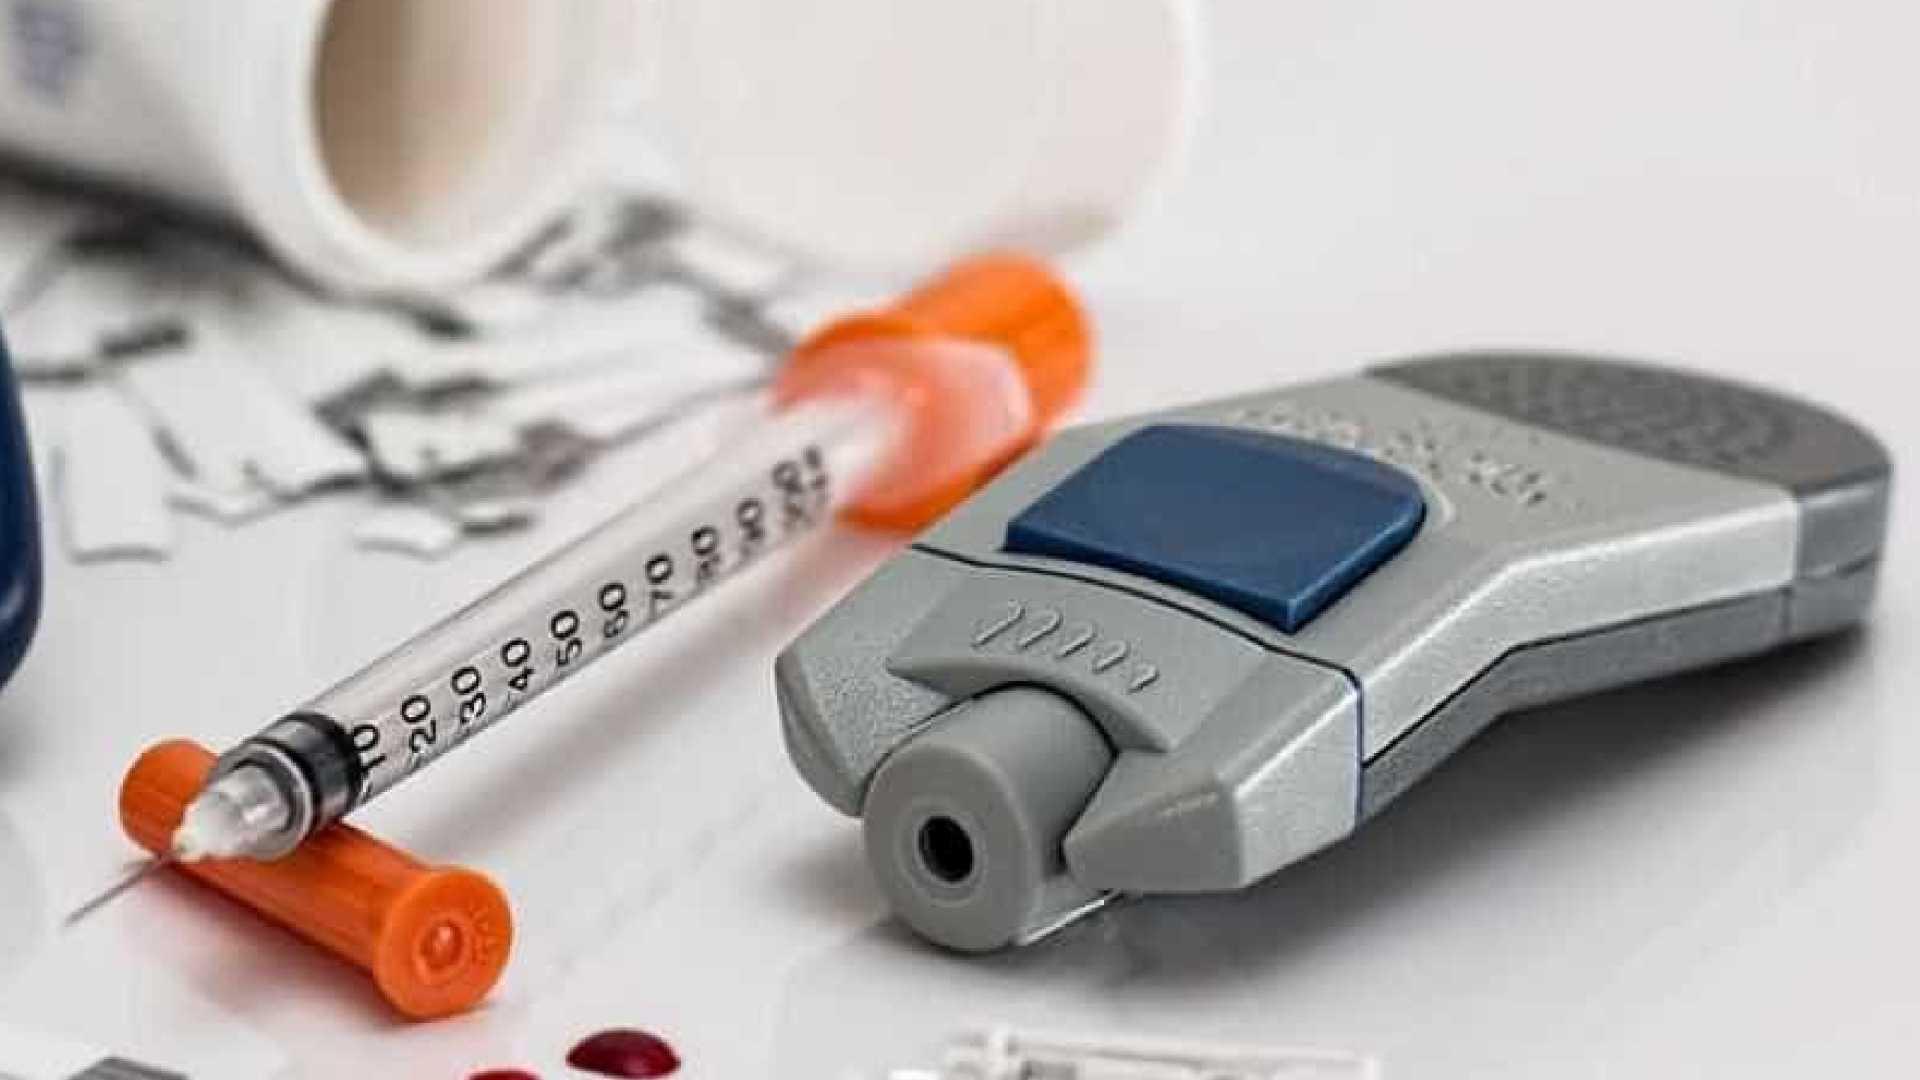 Cópia da insulina é opção mais barata para controle de diabetes